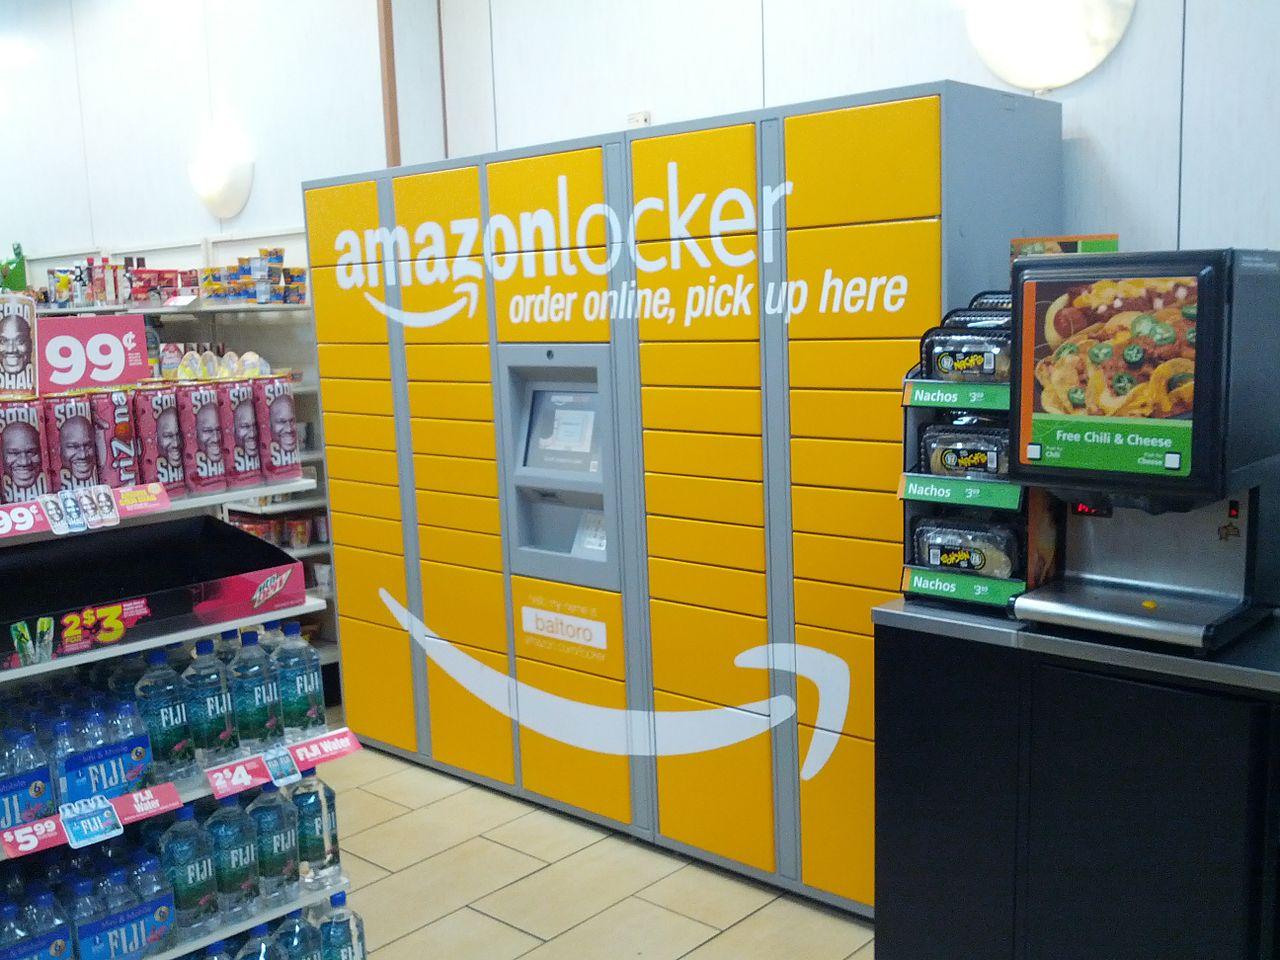 Armario Amazon